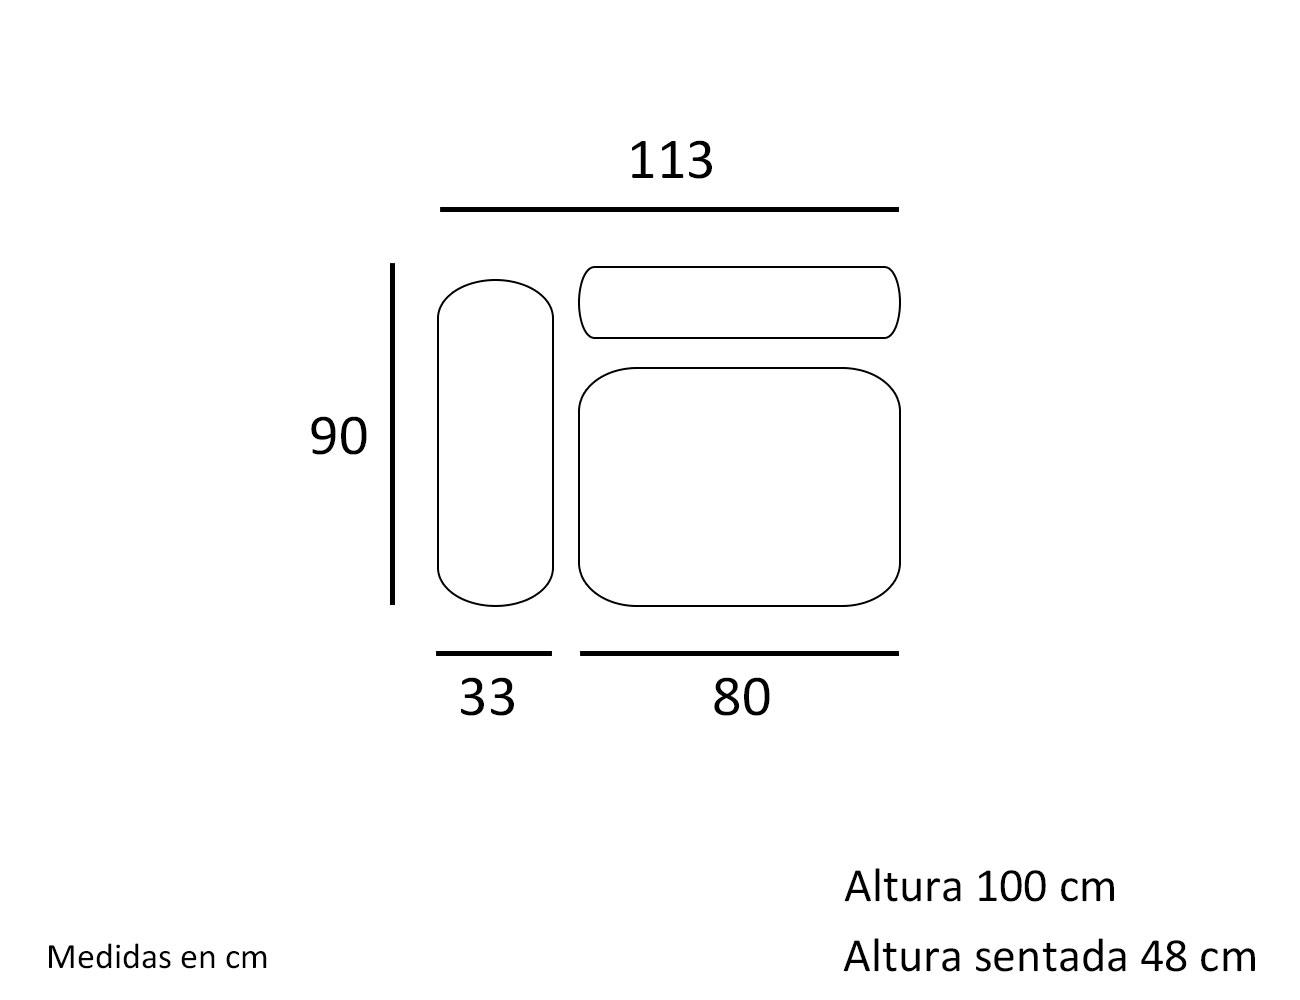 Croquis modulo 1 plaza con 1 brazo 1134